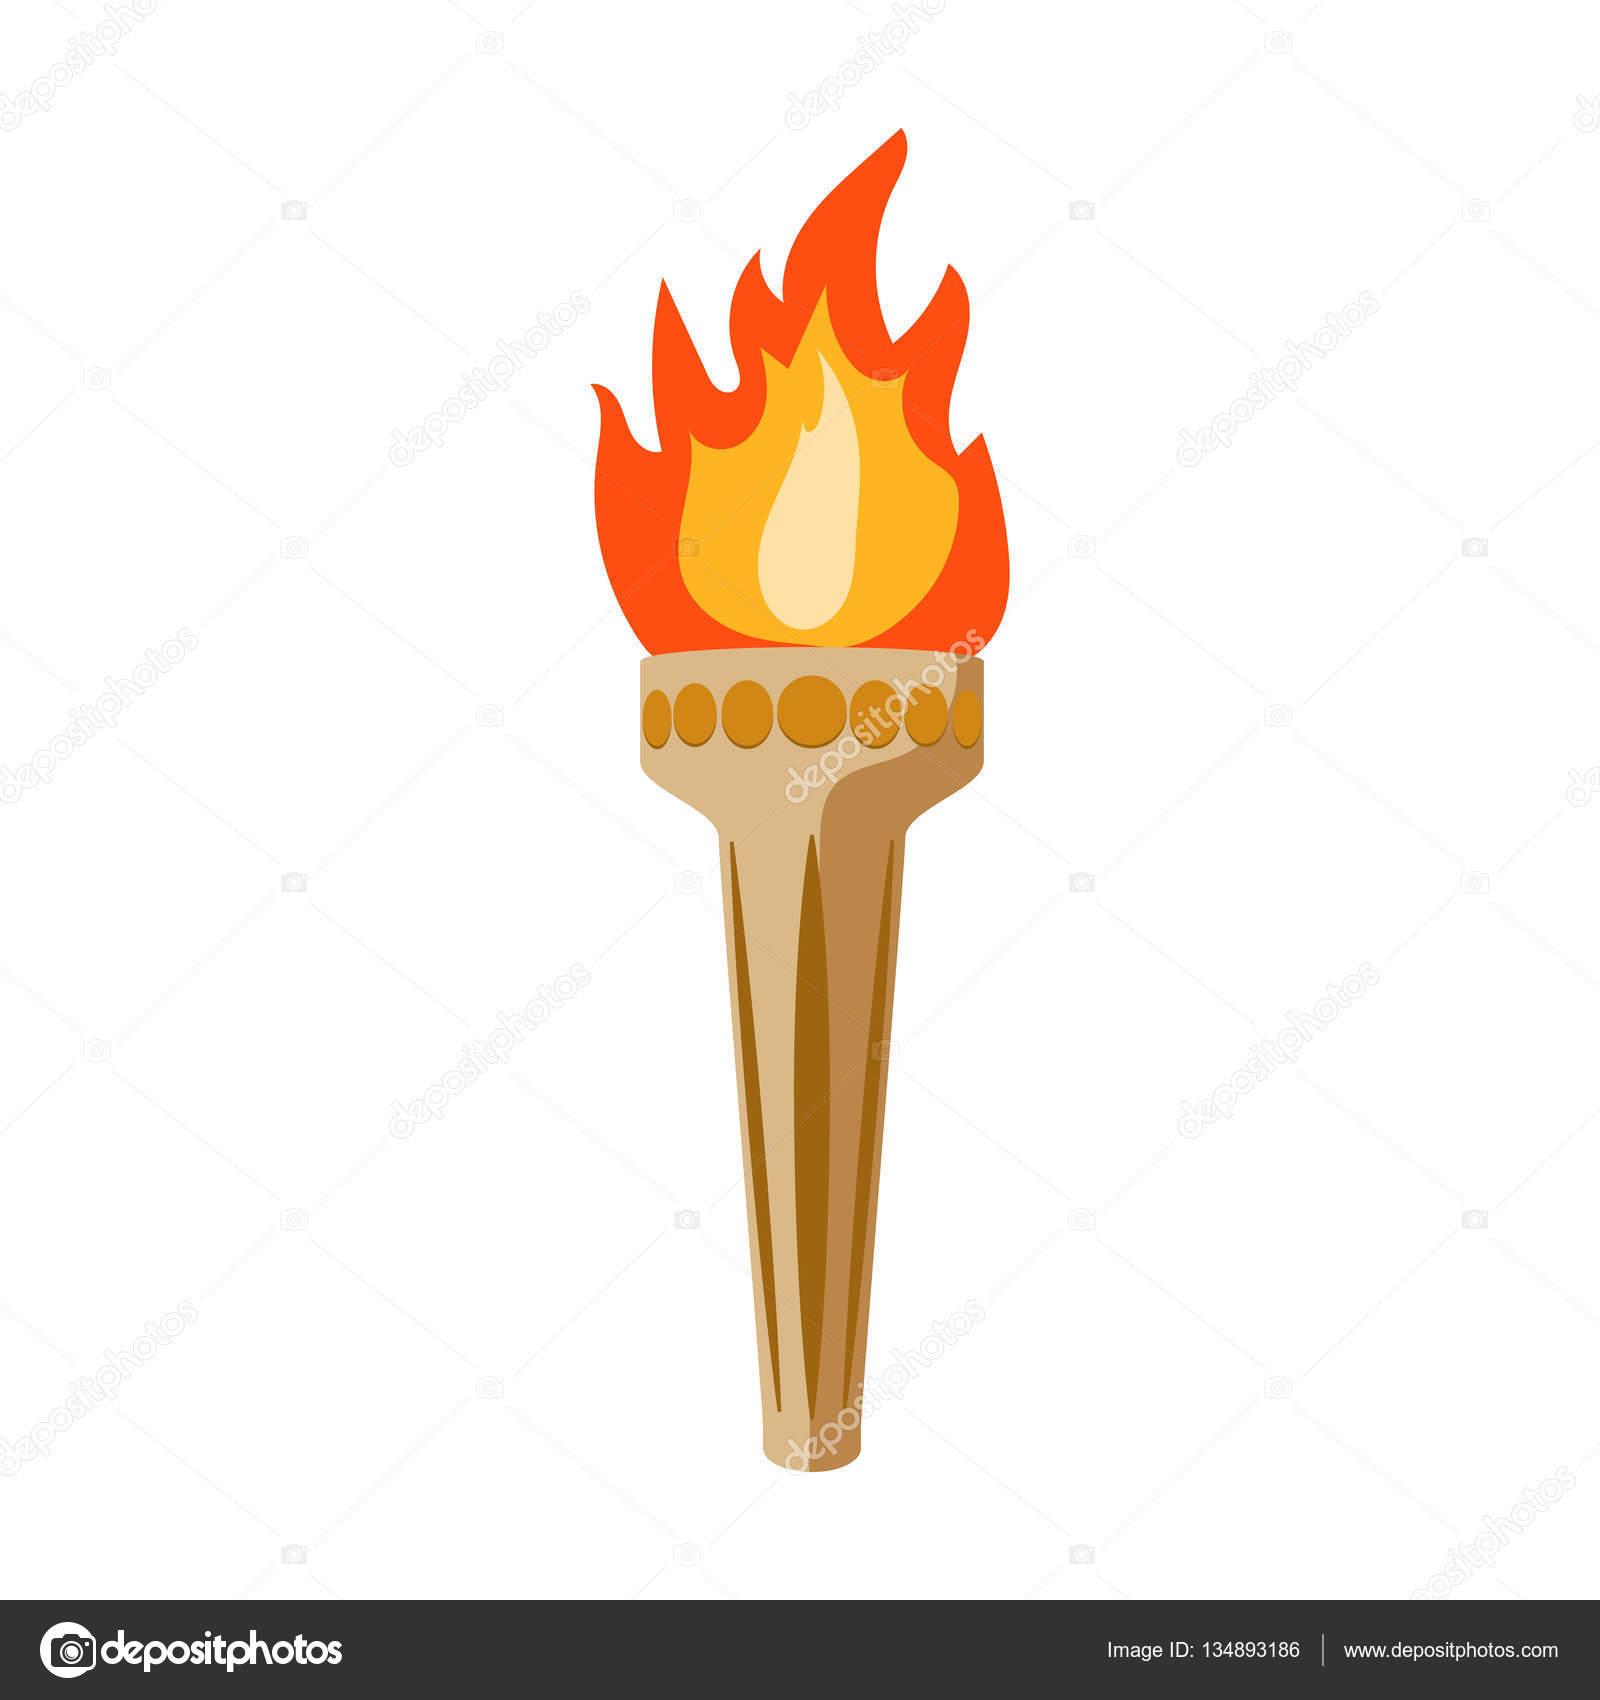 Ic ne de la flamme olympique dans le style de dessin anim - Flamme olympique dessin ...